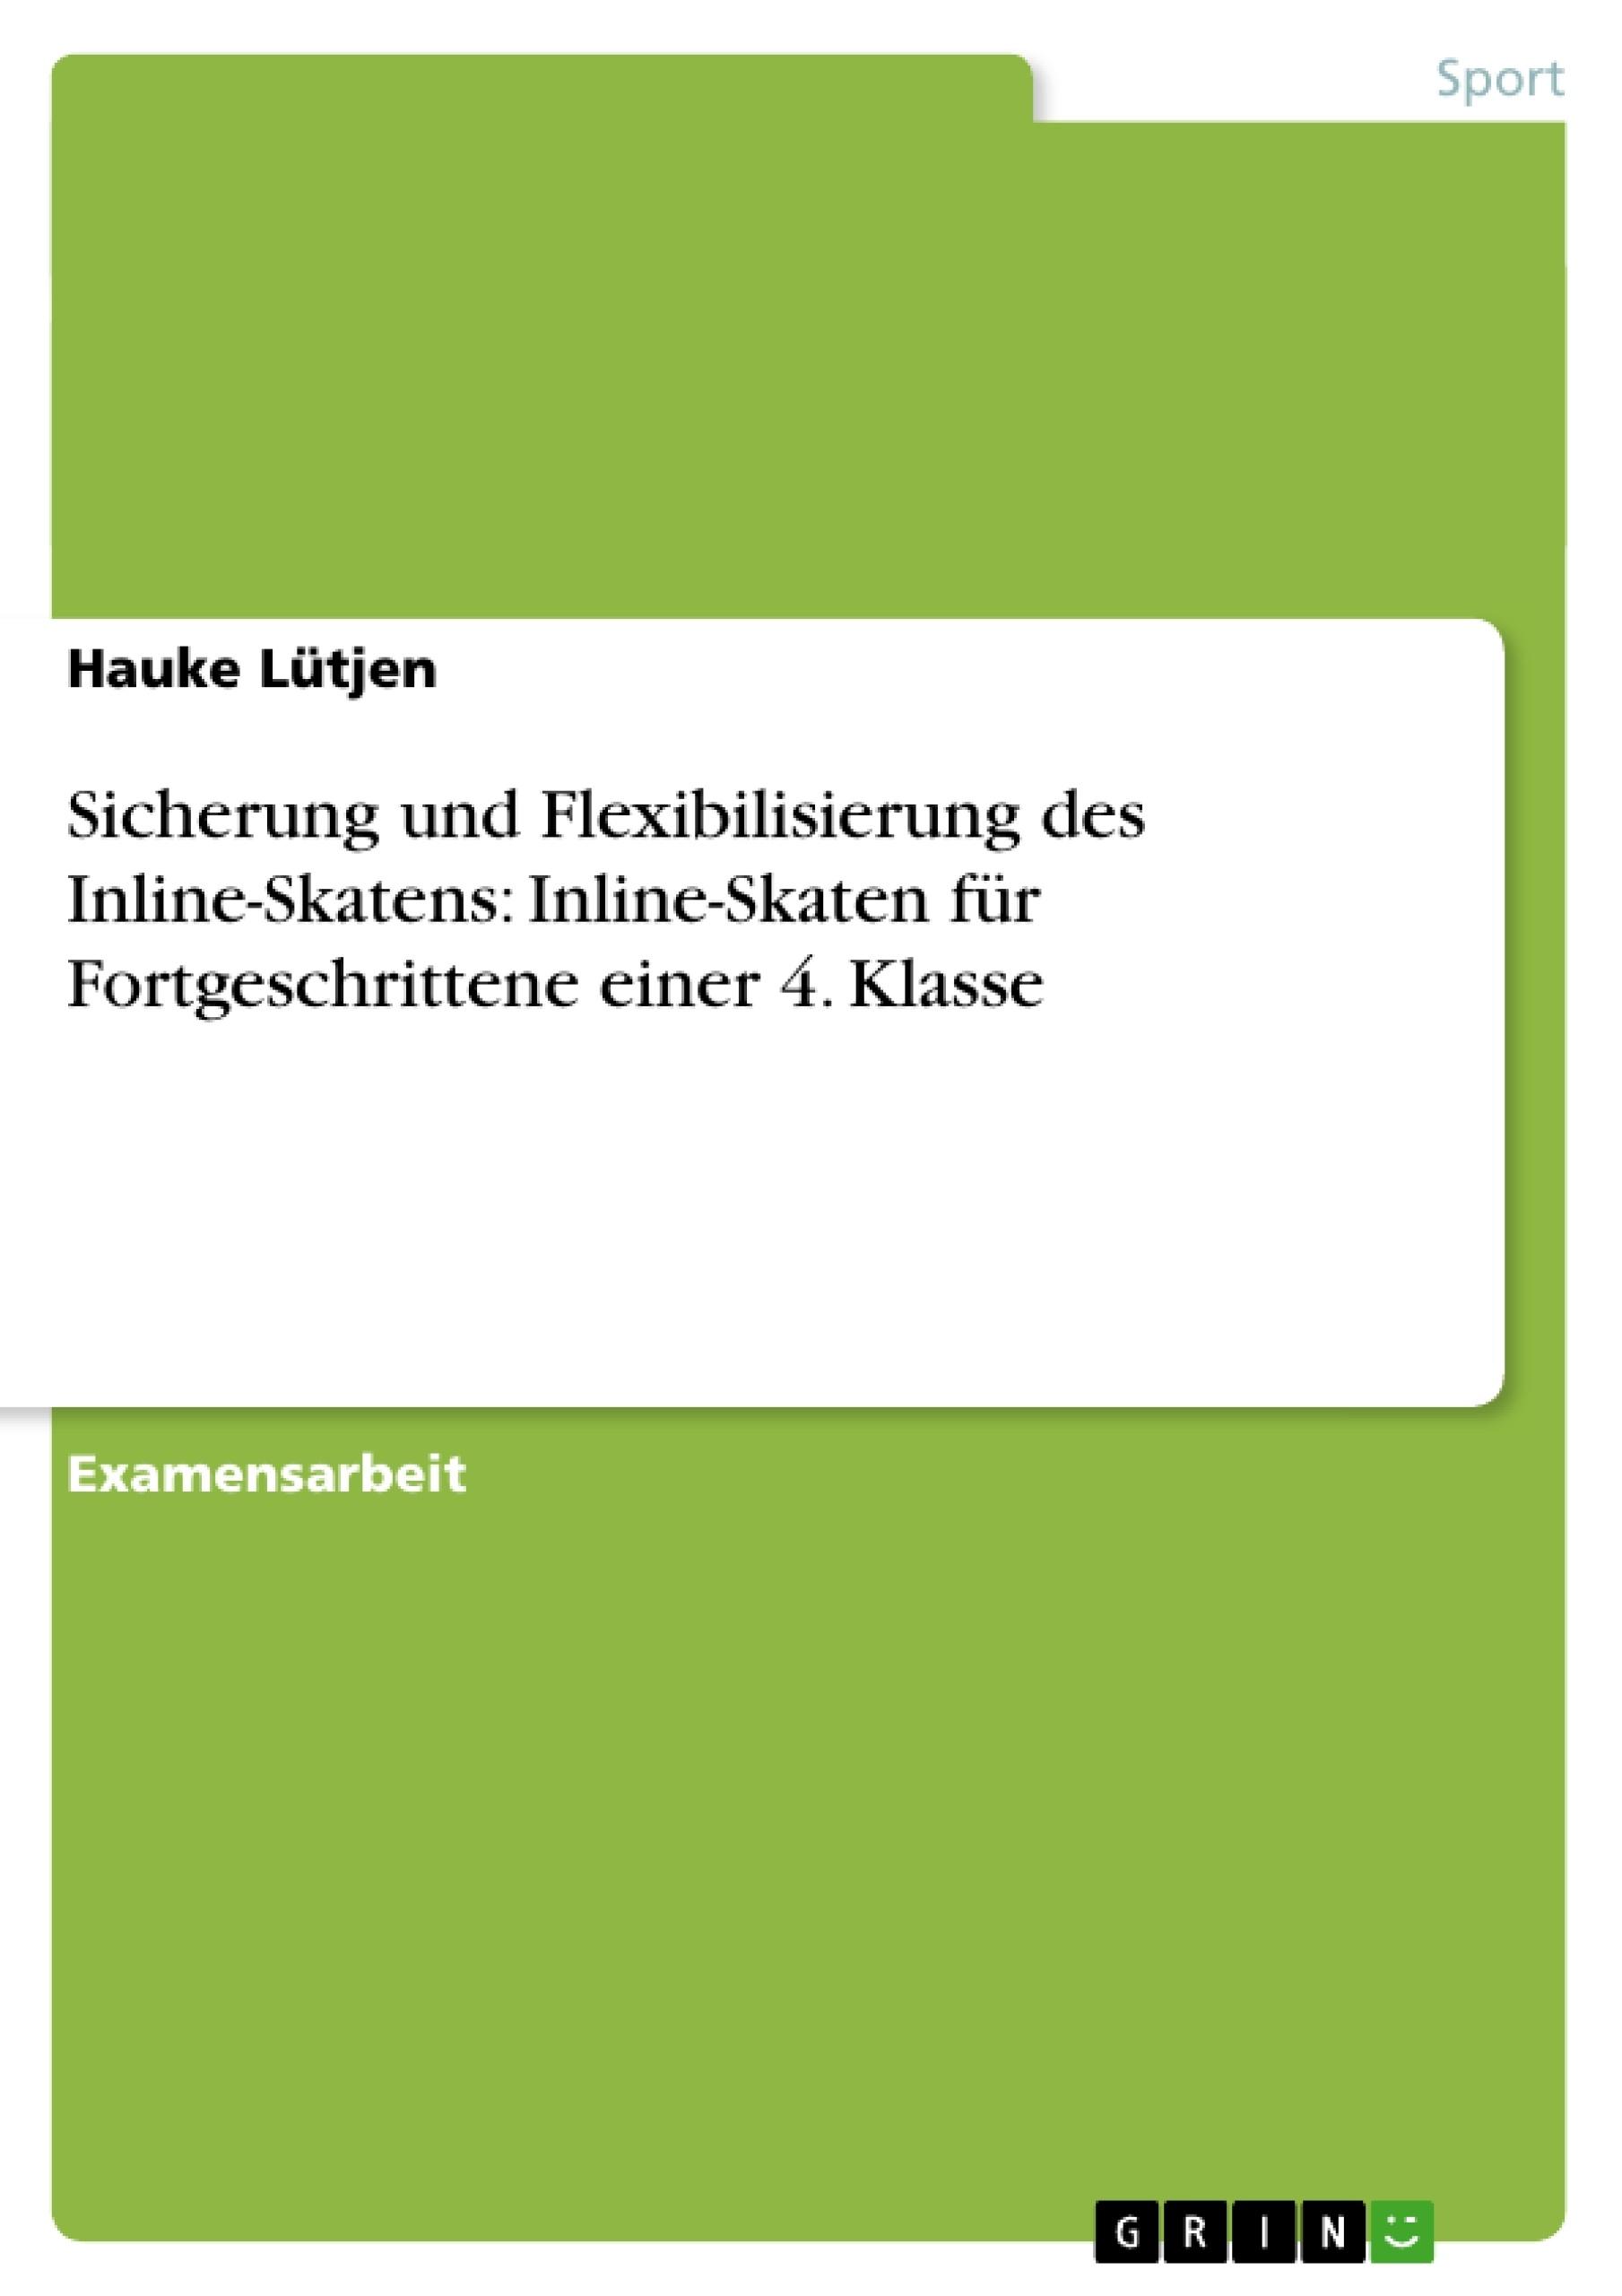 Titel: Sicherung und Flexibilisierung des Inline-Skatens: Inline-Skaten für Fortgeschrittene einer 4. Klasse